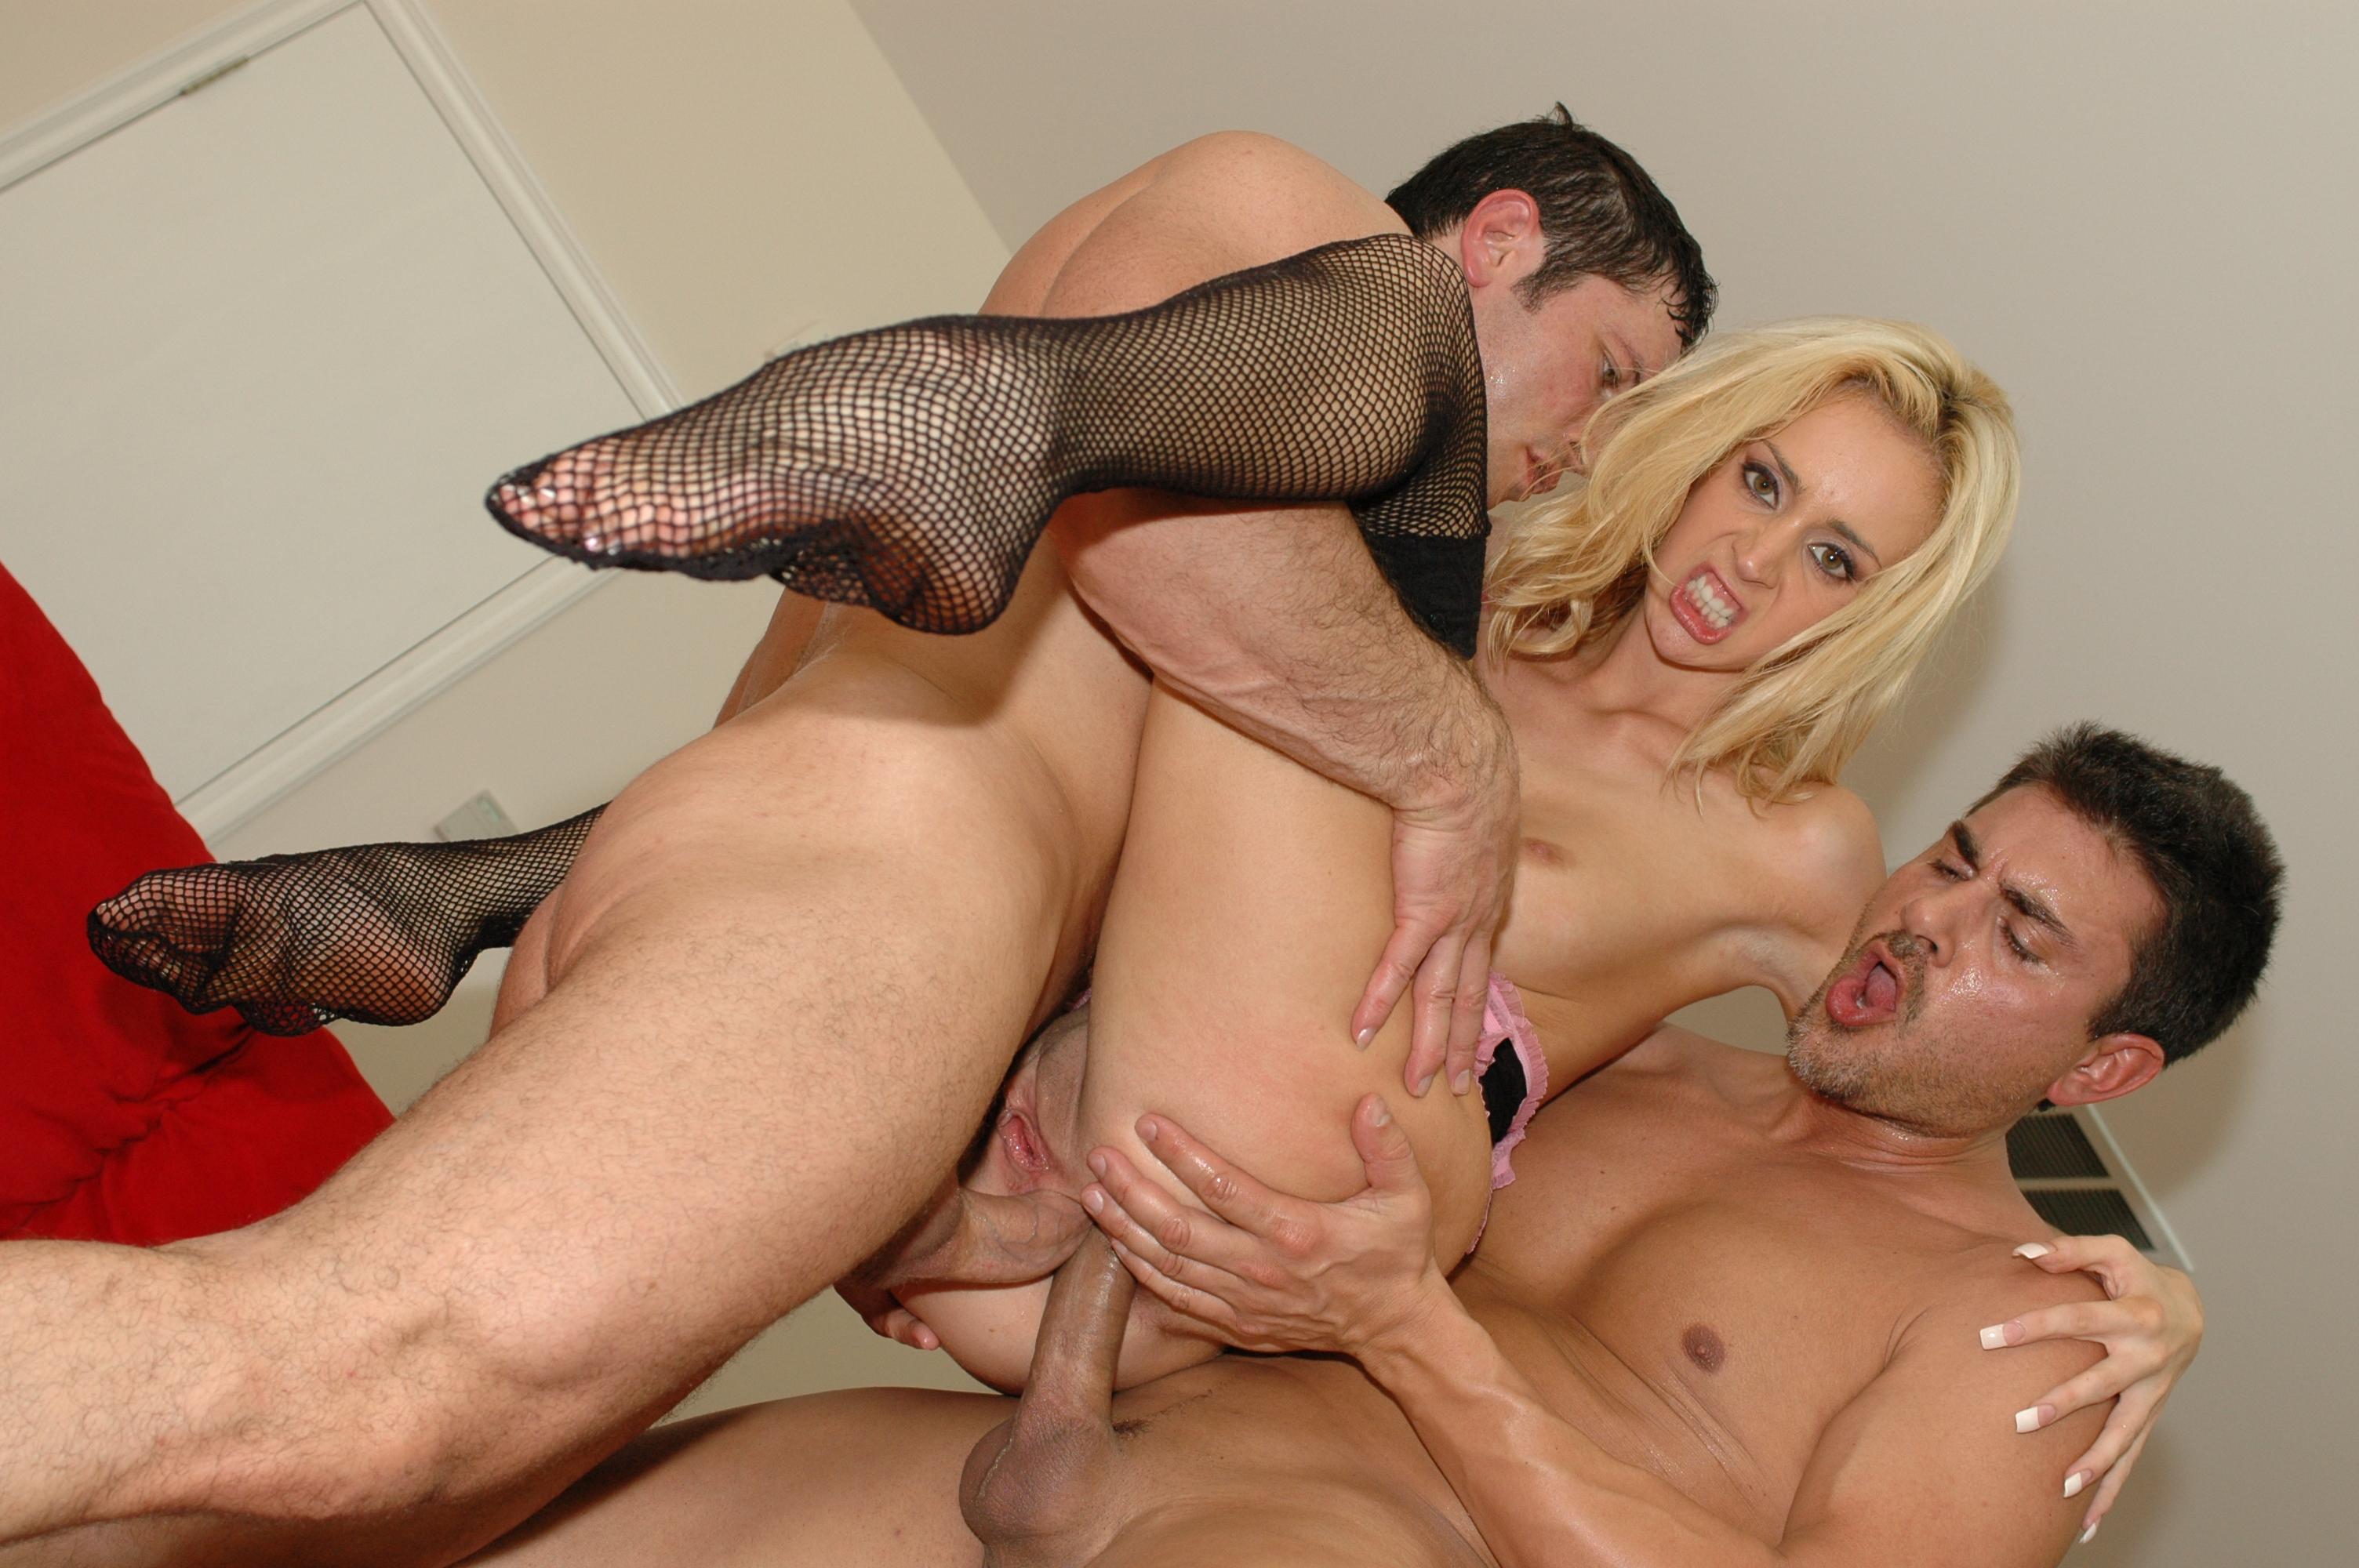 Шакира порно бесплатное смотреть онлайн 6 фотография